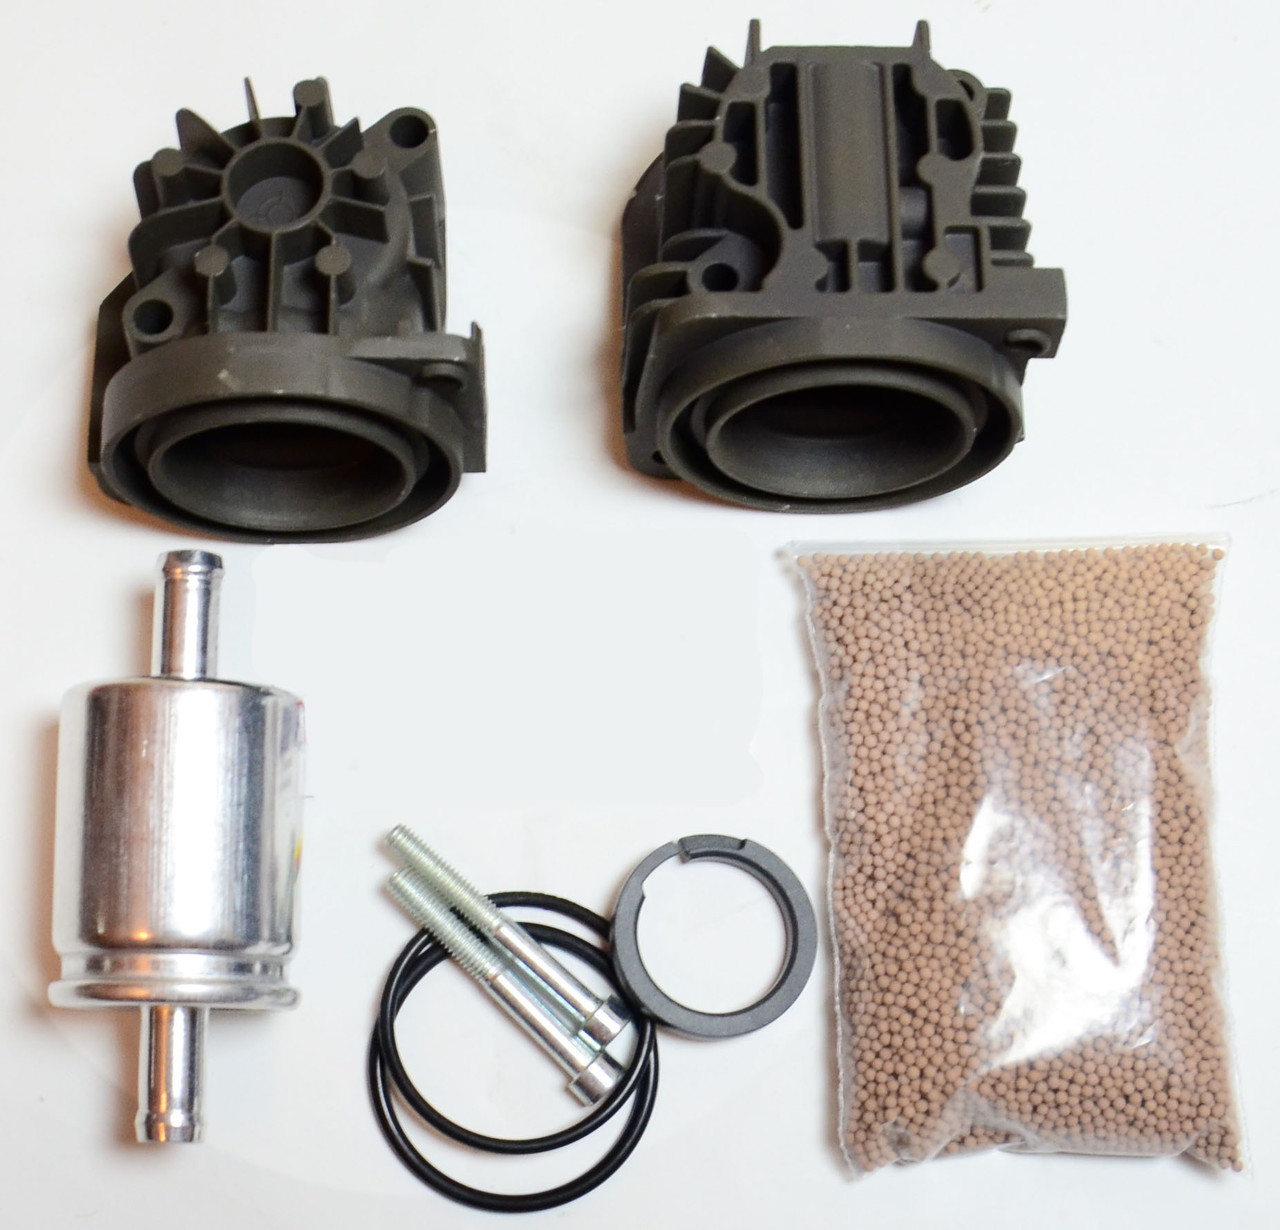 Ремкомплект компрессора пневмоподвески WABCO Вабко компресор ауди мерседес вольксваген